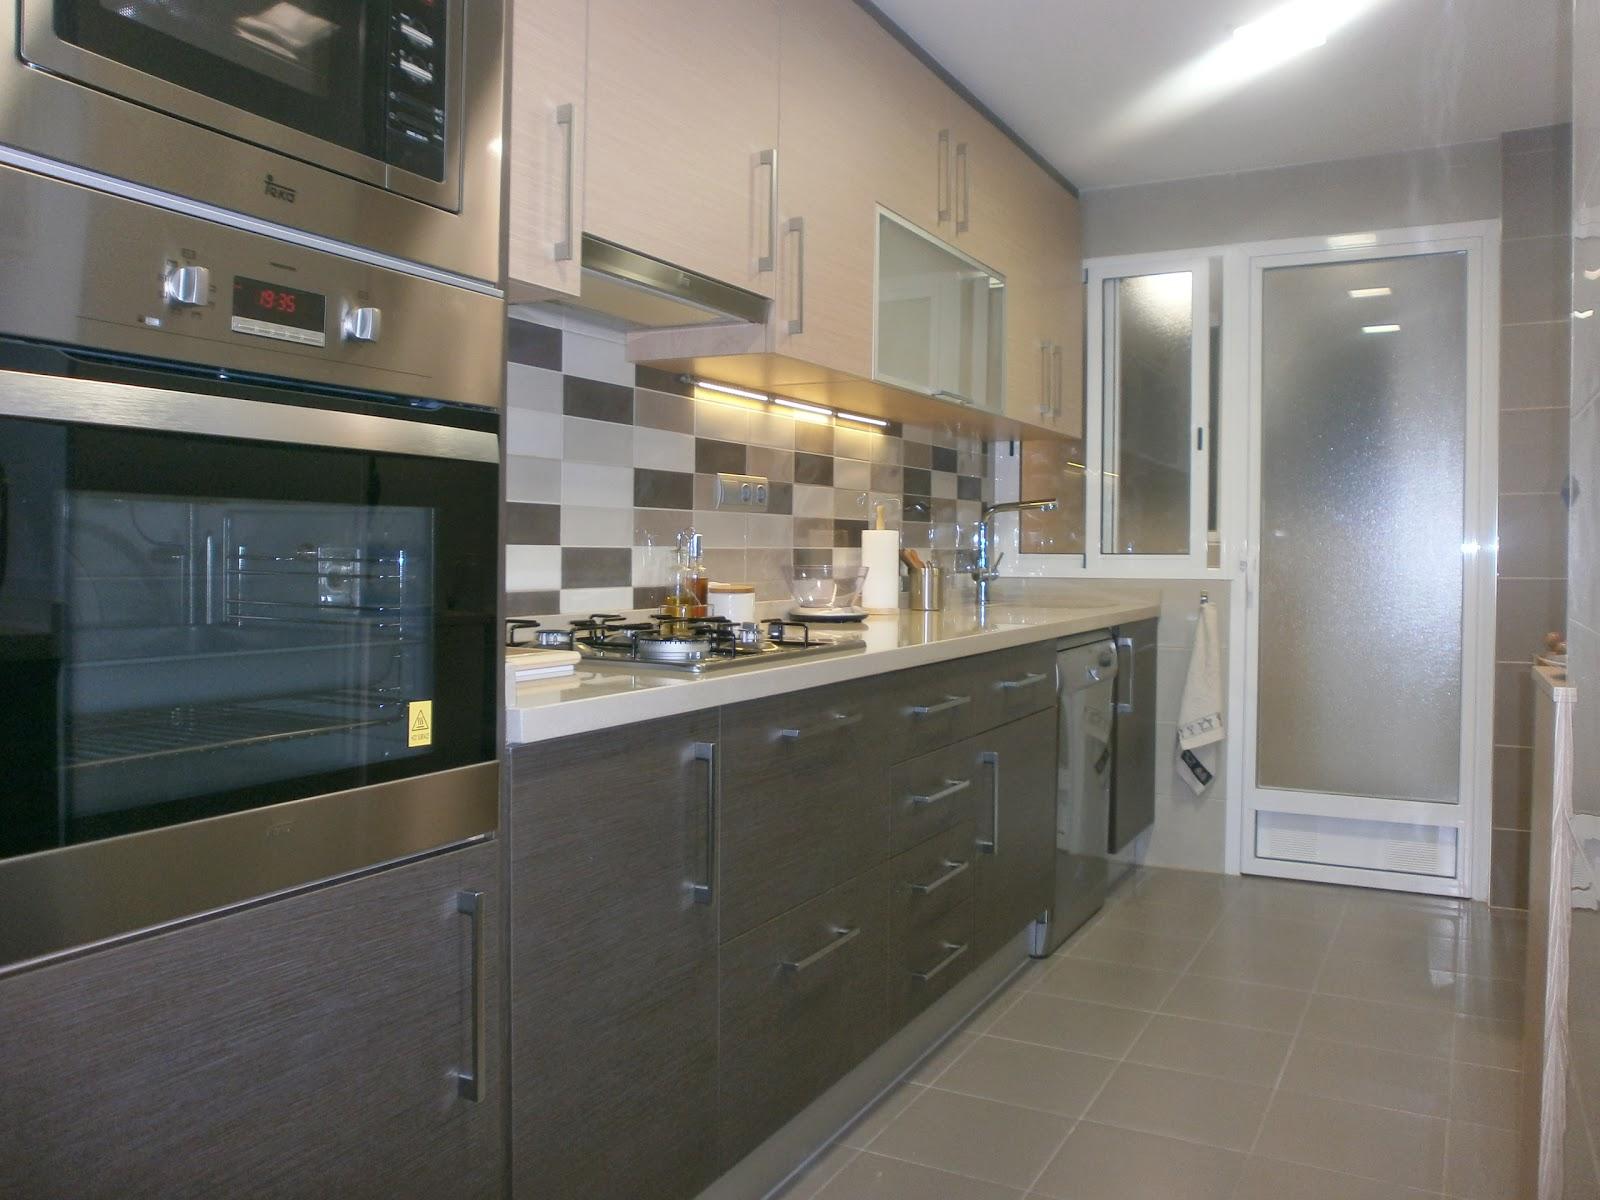 Diseño intemporal: una sobria cocina en dos tonos - Cocinas con estilo